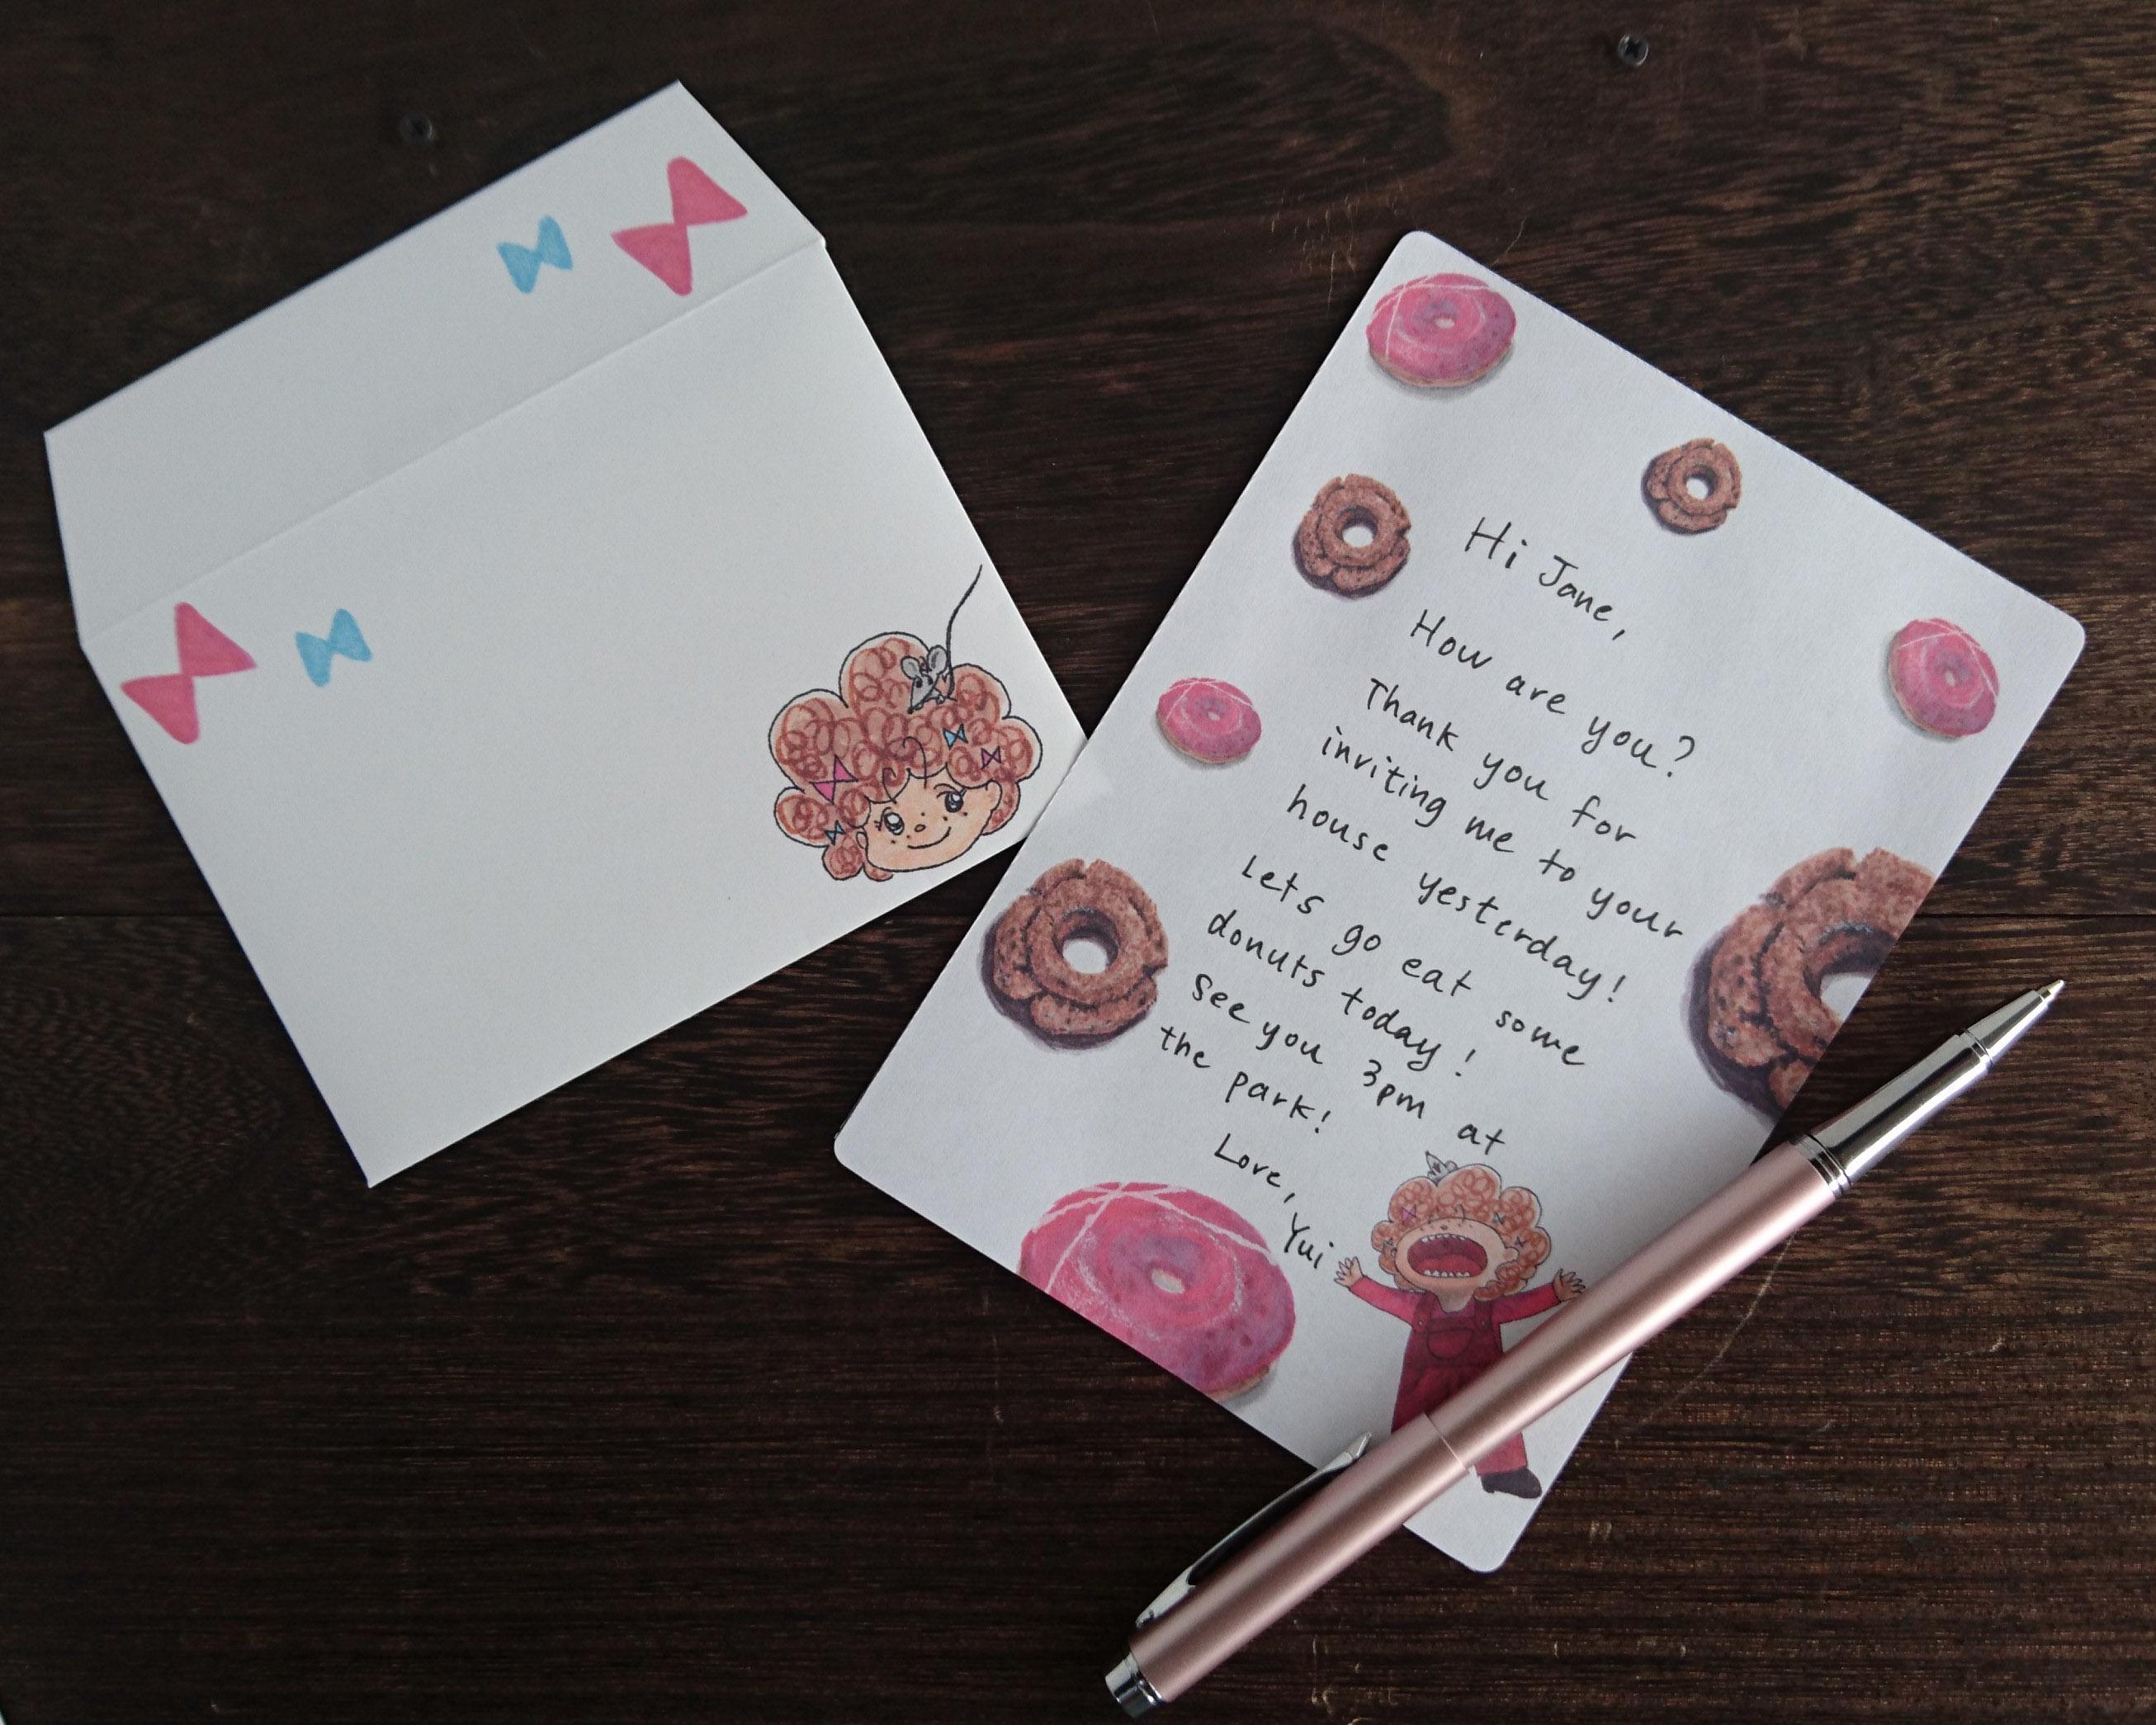 あーん!ドーナツべたい!ミニレターセット(ホワイト) Donuts Letter set (White)